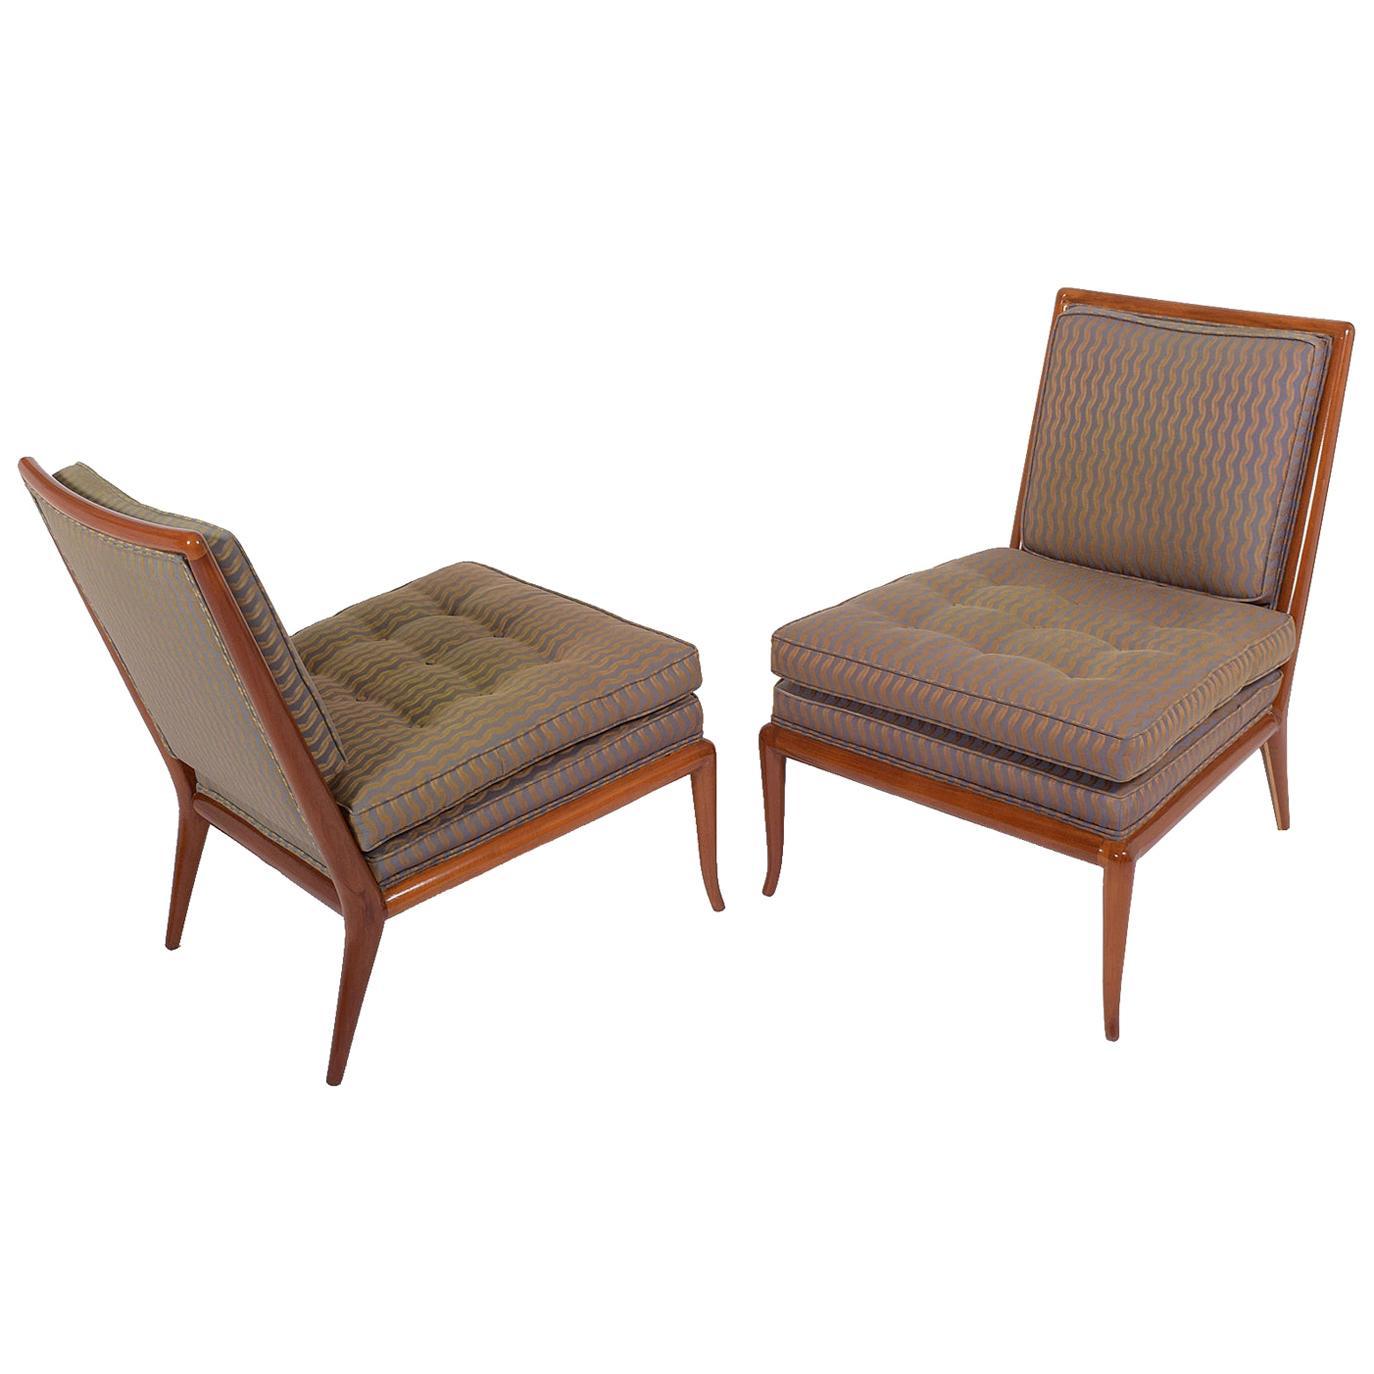 T.H Rabjohn, Gibbings Slipper Chairs for Widdicomb Furniture Co